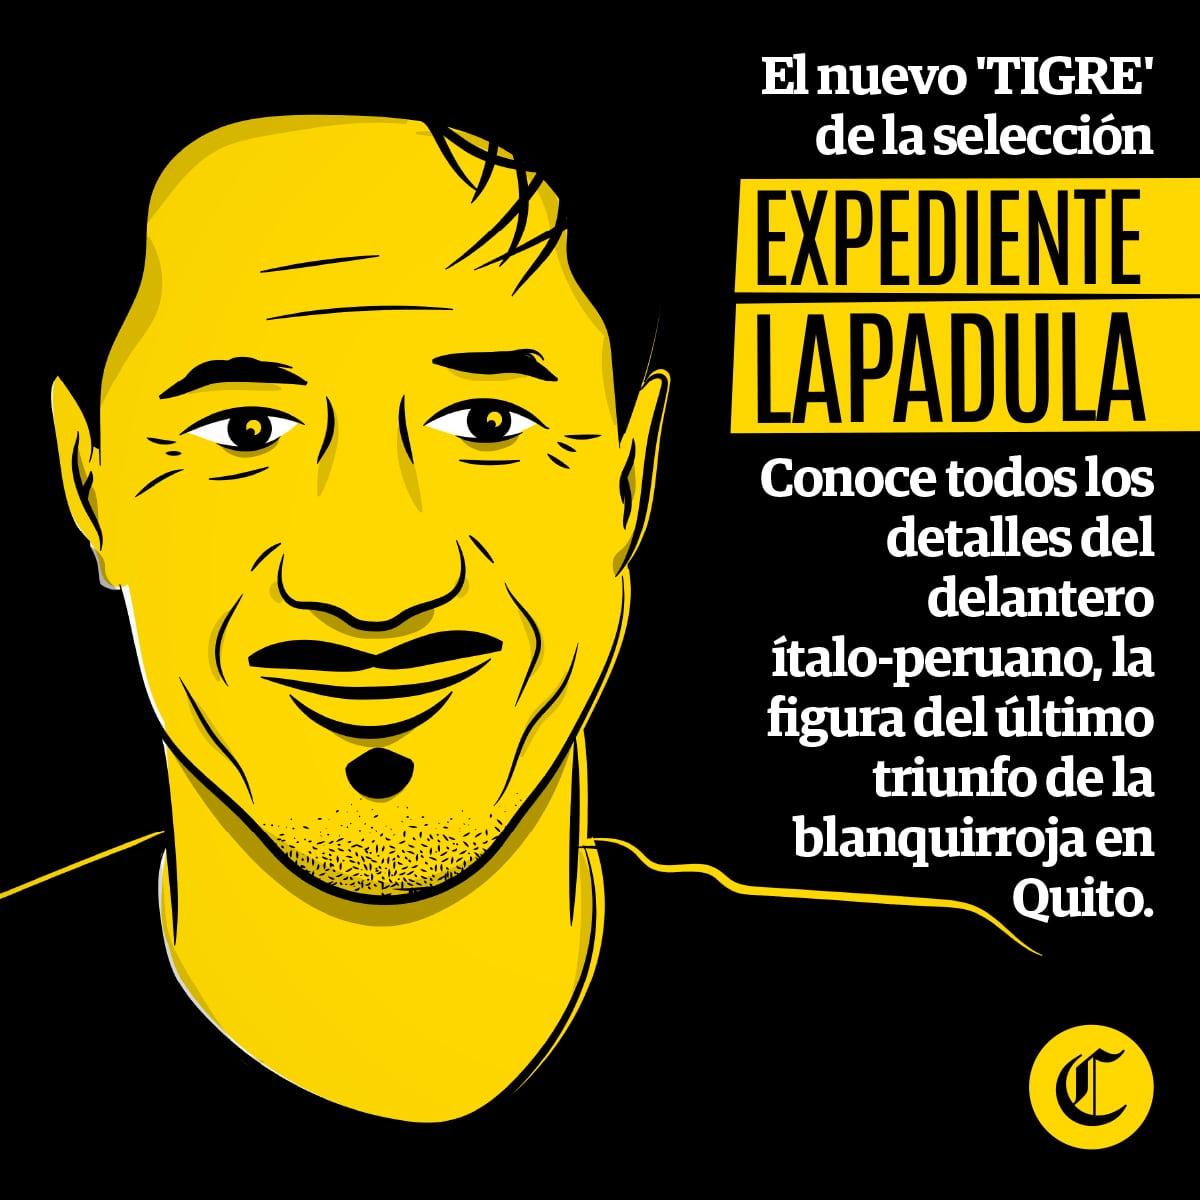 Gianluca Lapadula, el nuevo tigre de la selección peruana